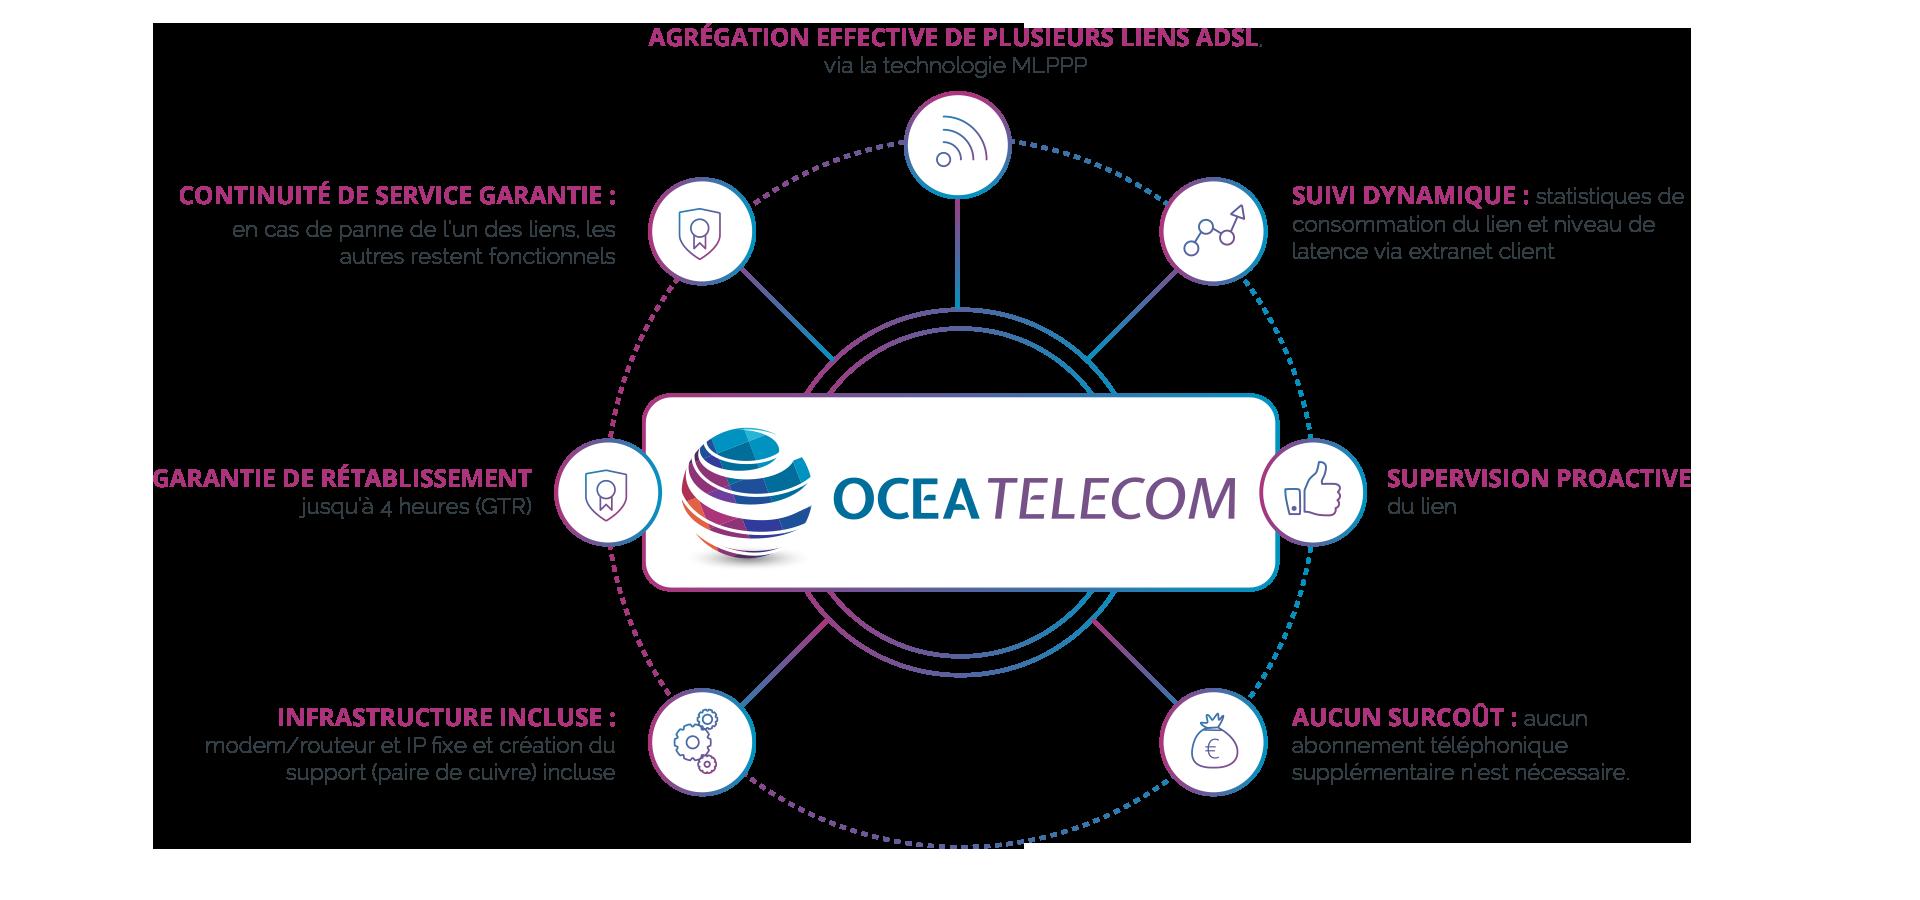 solution-adsl-extreme04-ocea-telecom4b